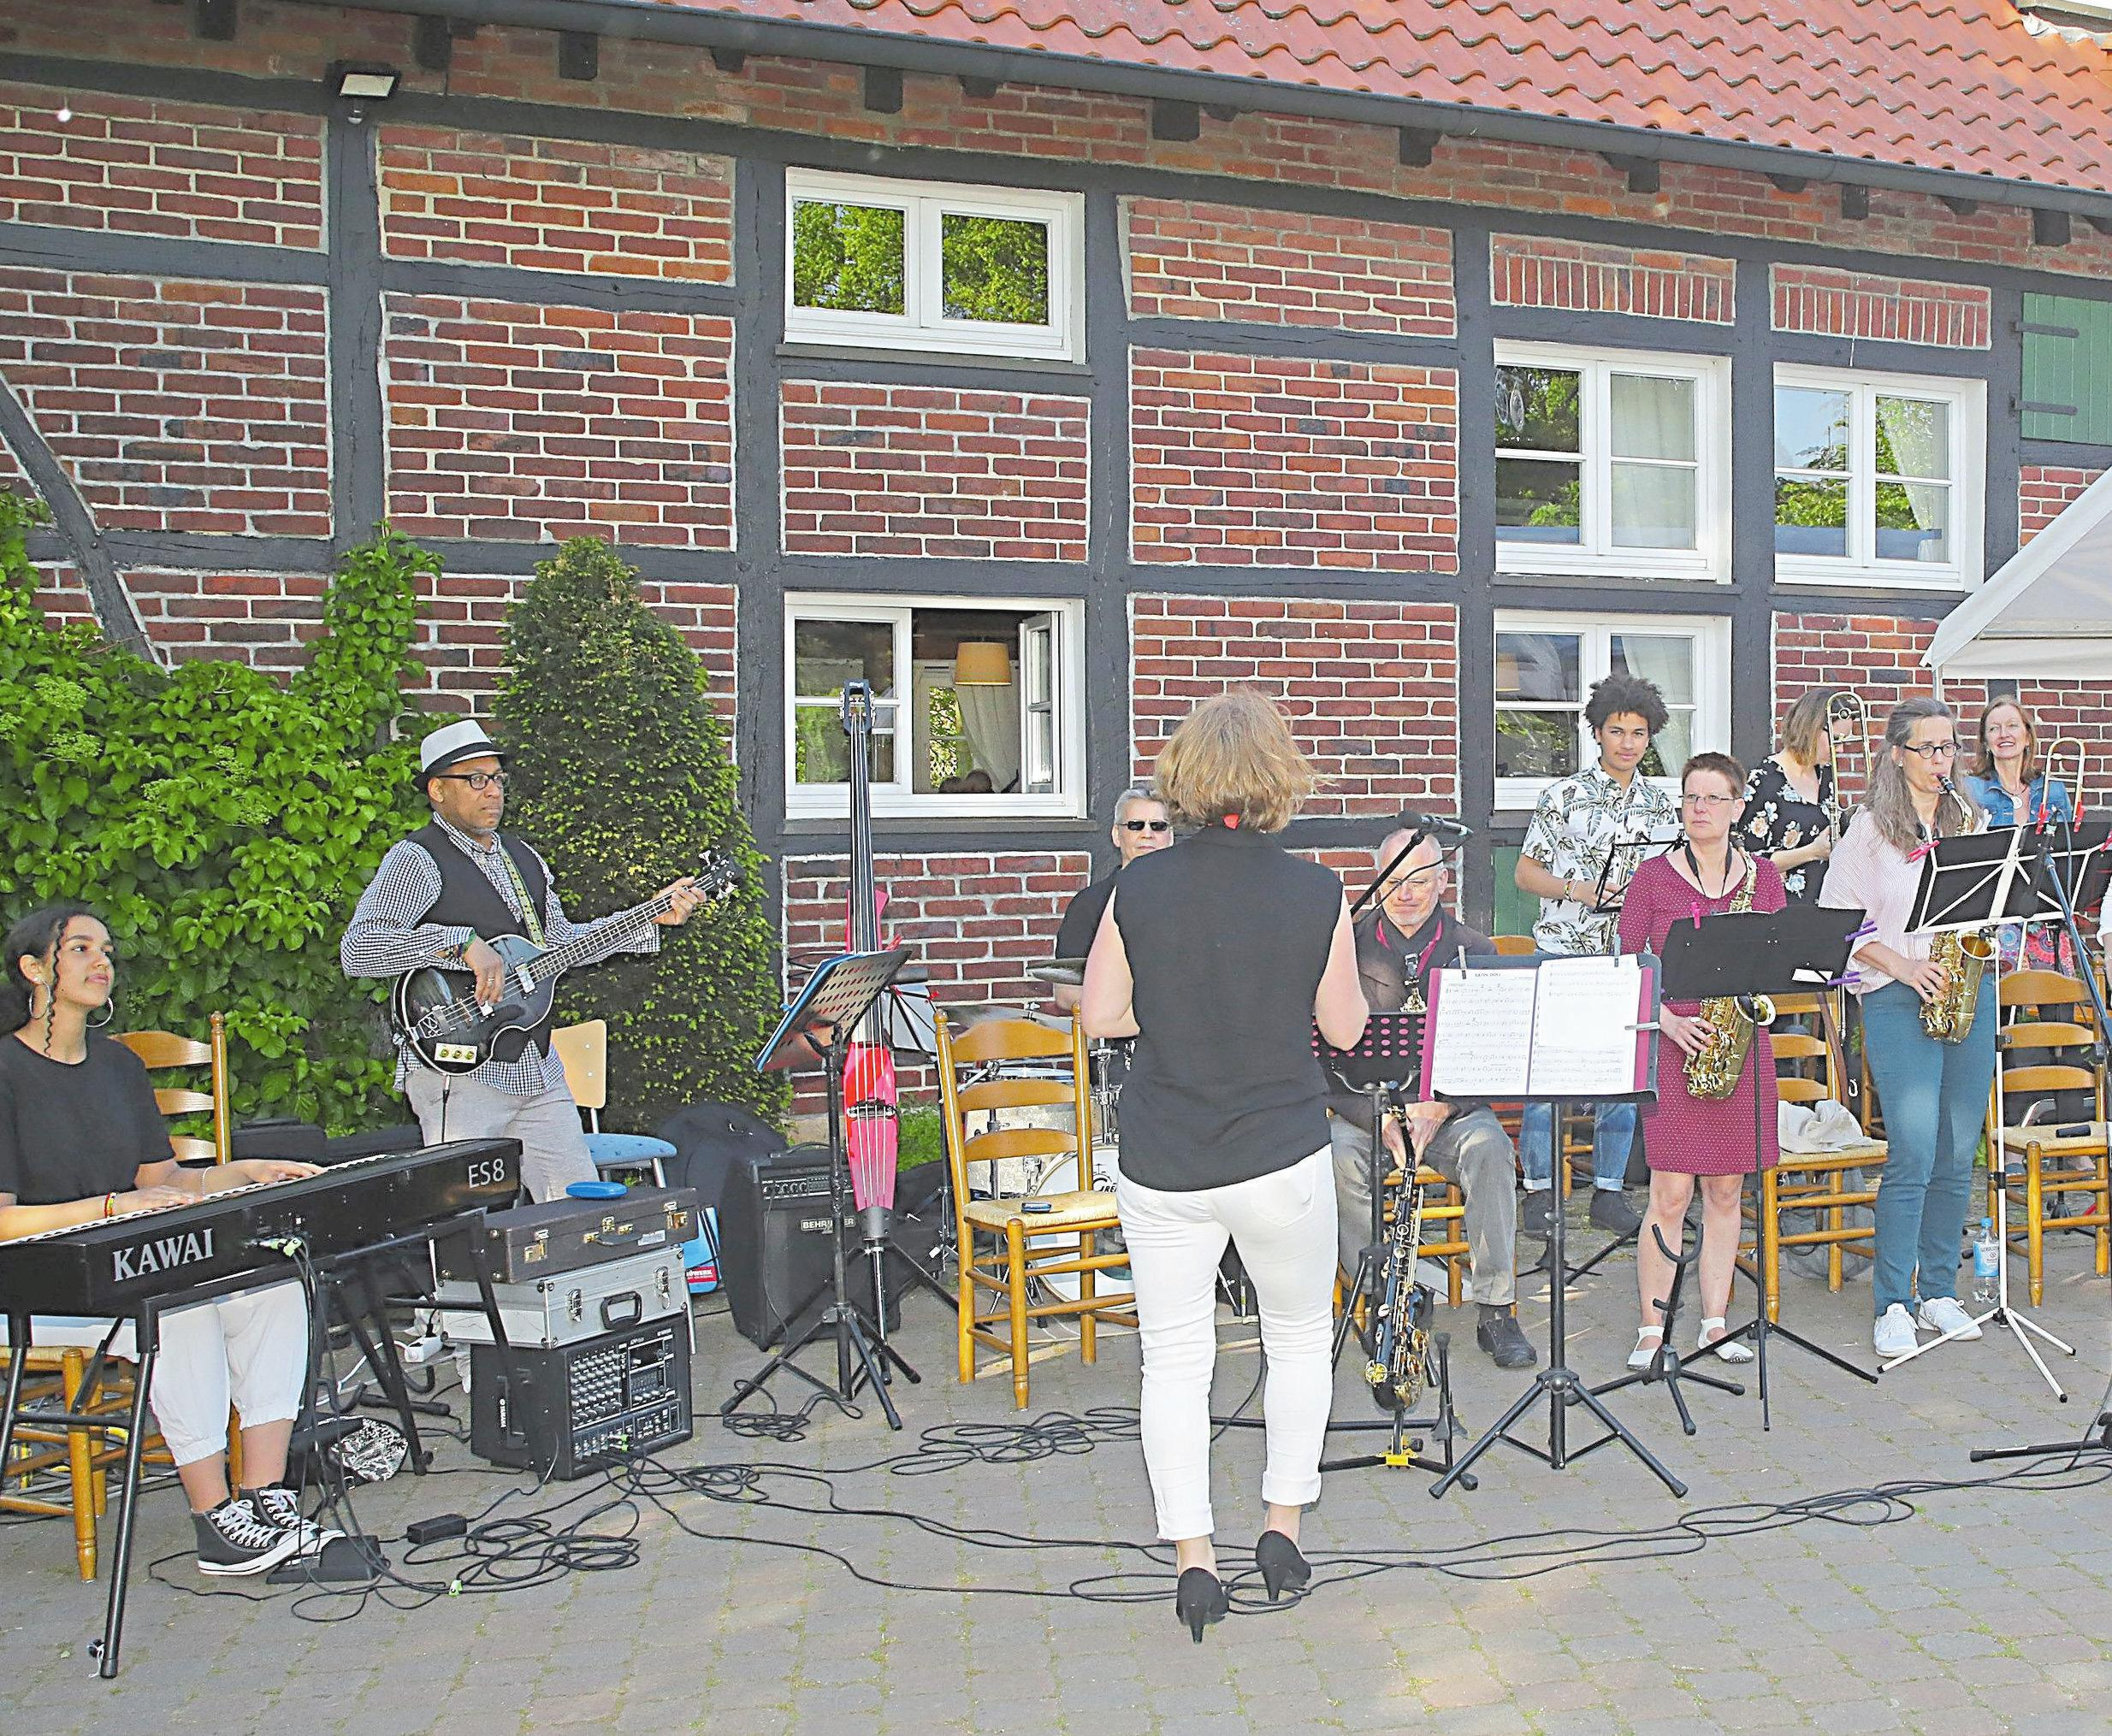 Rhythmische Unterhaltung: Los Contentos lassen am Samstag beim Maibaumfest in Mecklenbeck erneut ihre Instrumente erklingen. Wer zu ihrer Musik tanzen mag – gerne.